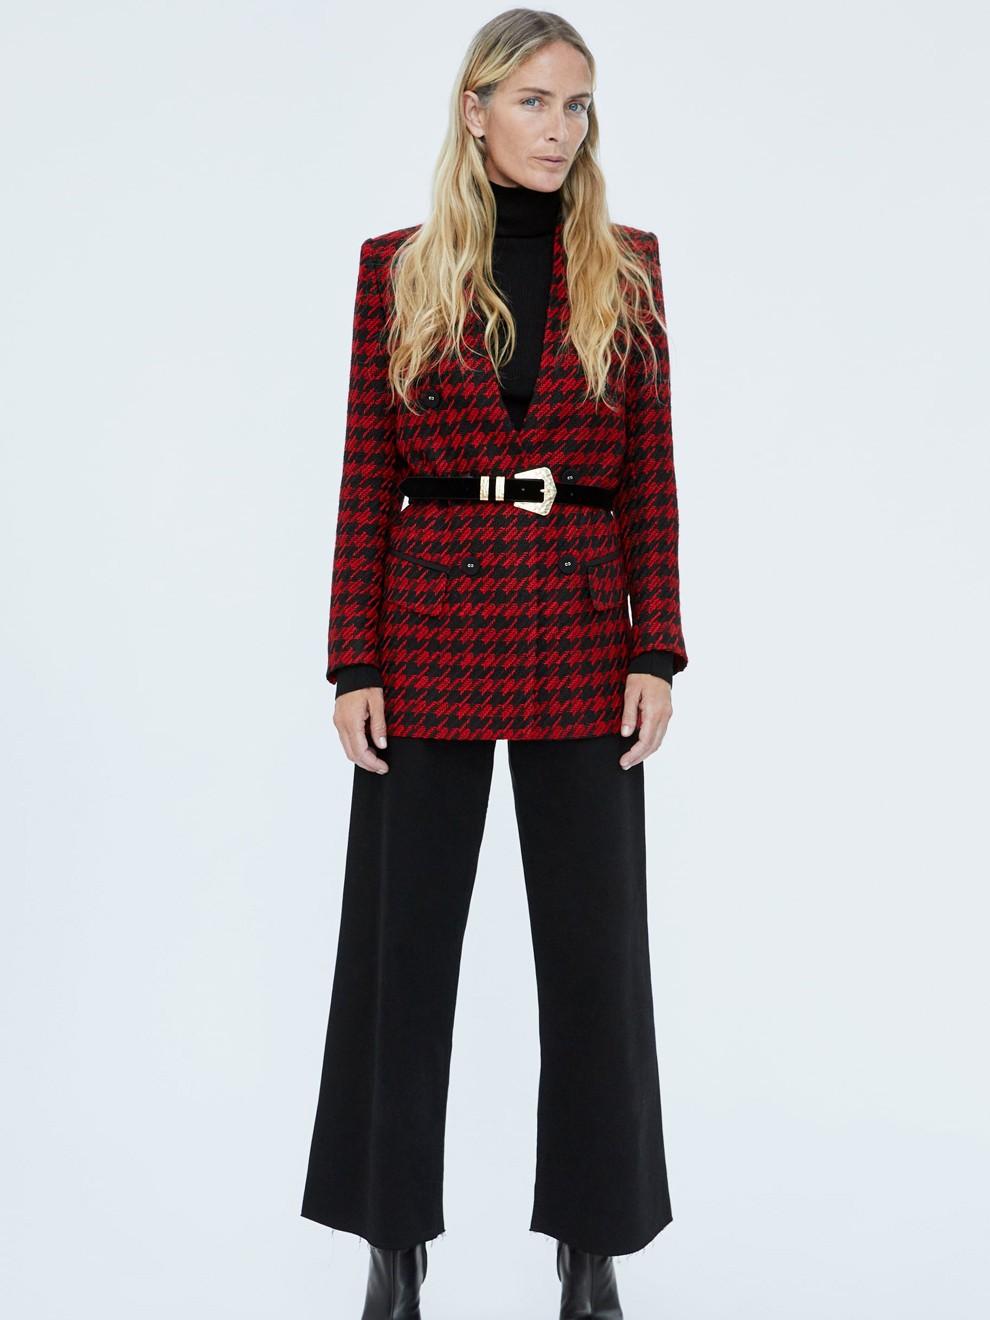 Pantalón campana y blazer de Zara: una combinación perfecta para ir a la oficina en 2019